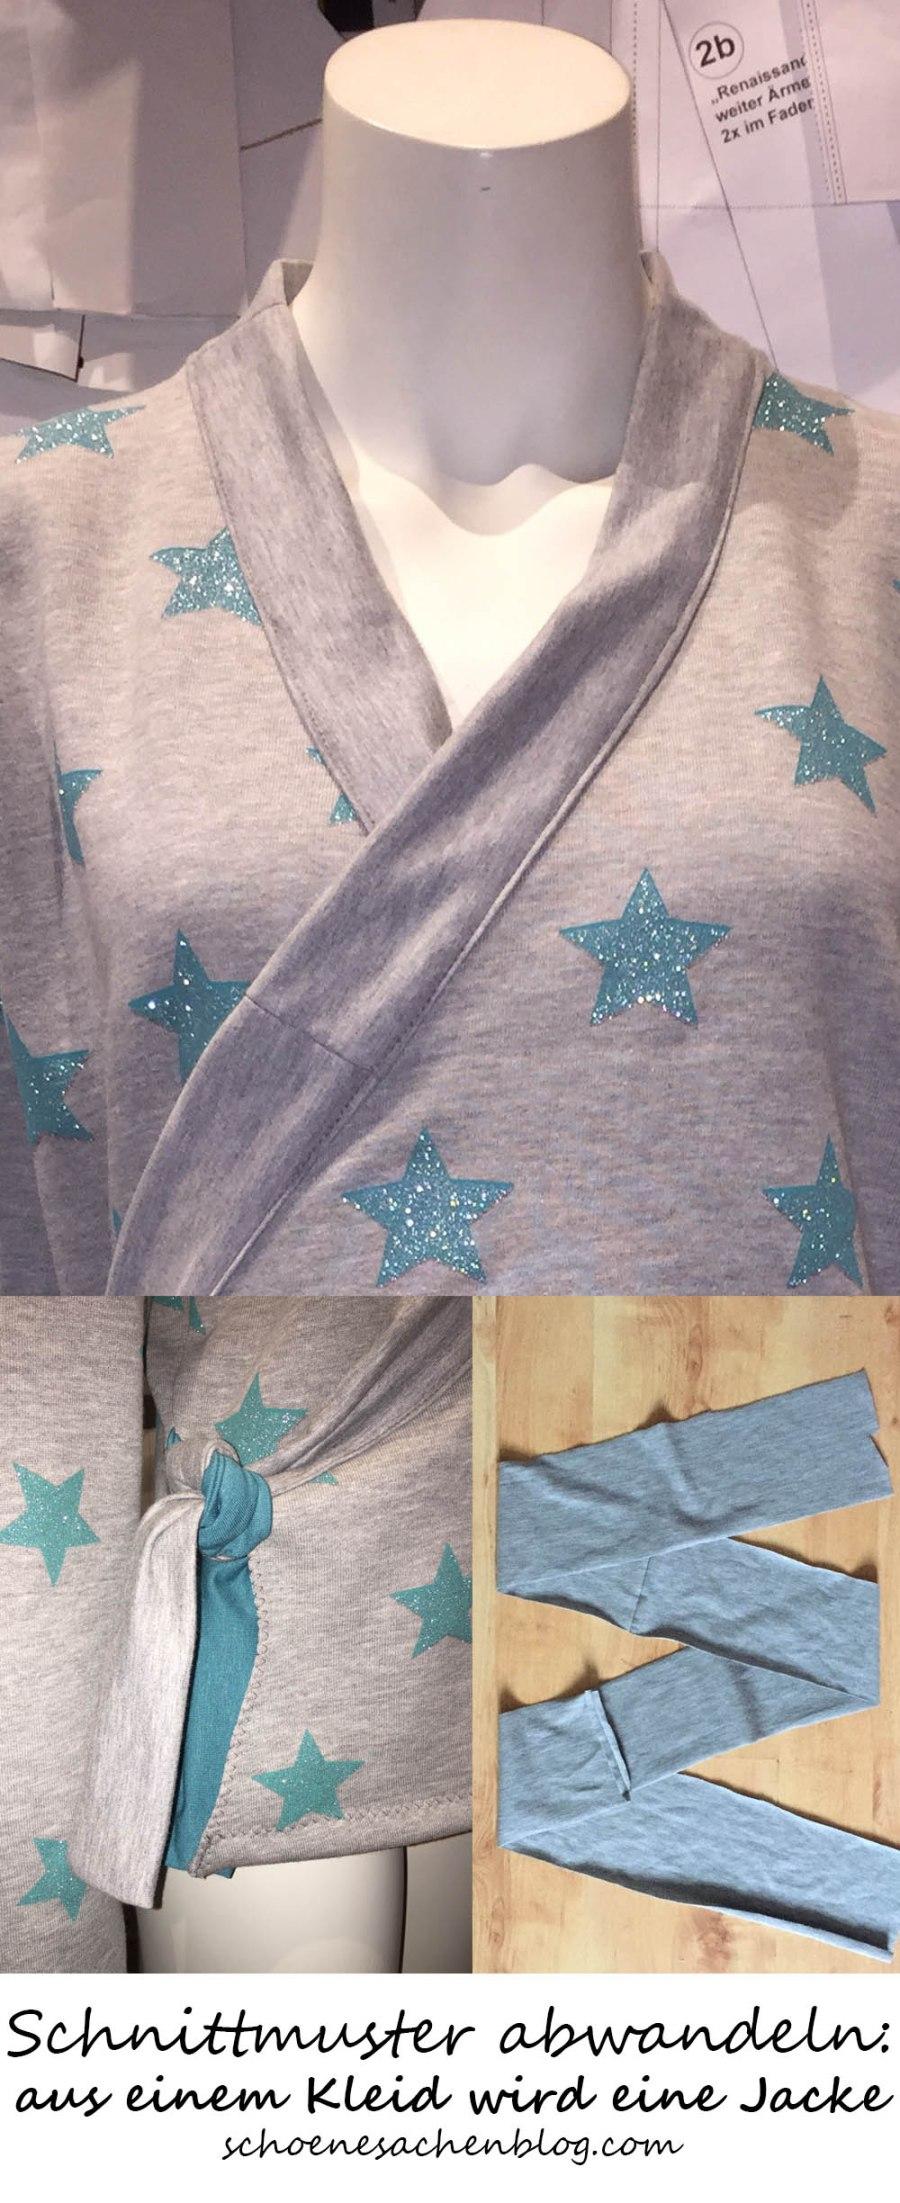 Ein Schnittmuster für ein Kleid abwandeln, aus einem Schnittmuster für ein Kleid einen Jackenschnitt machen, Schnittmuster ändern für Anfänger, einfache Änderungen an Schnittmustern, ein Schnittmuster für eine Wickeljacke zeichnen, kostenlose Anleitung Wickeljacke, kostenloses Schnittmuster für Jacke, Wickeljacke nähen, Ausschnitt mit Jerseystreifen einfassen, Stoffkanten mit Stoffstreifen einfassen, Bindeband für Wickelkleid annähen, einfaches Wickelkleid nähen,